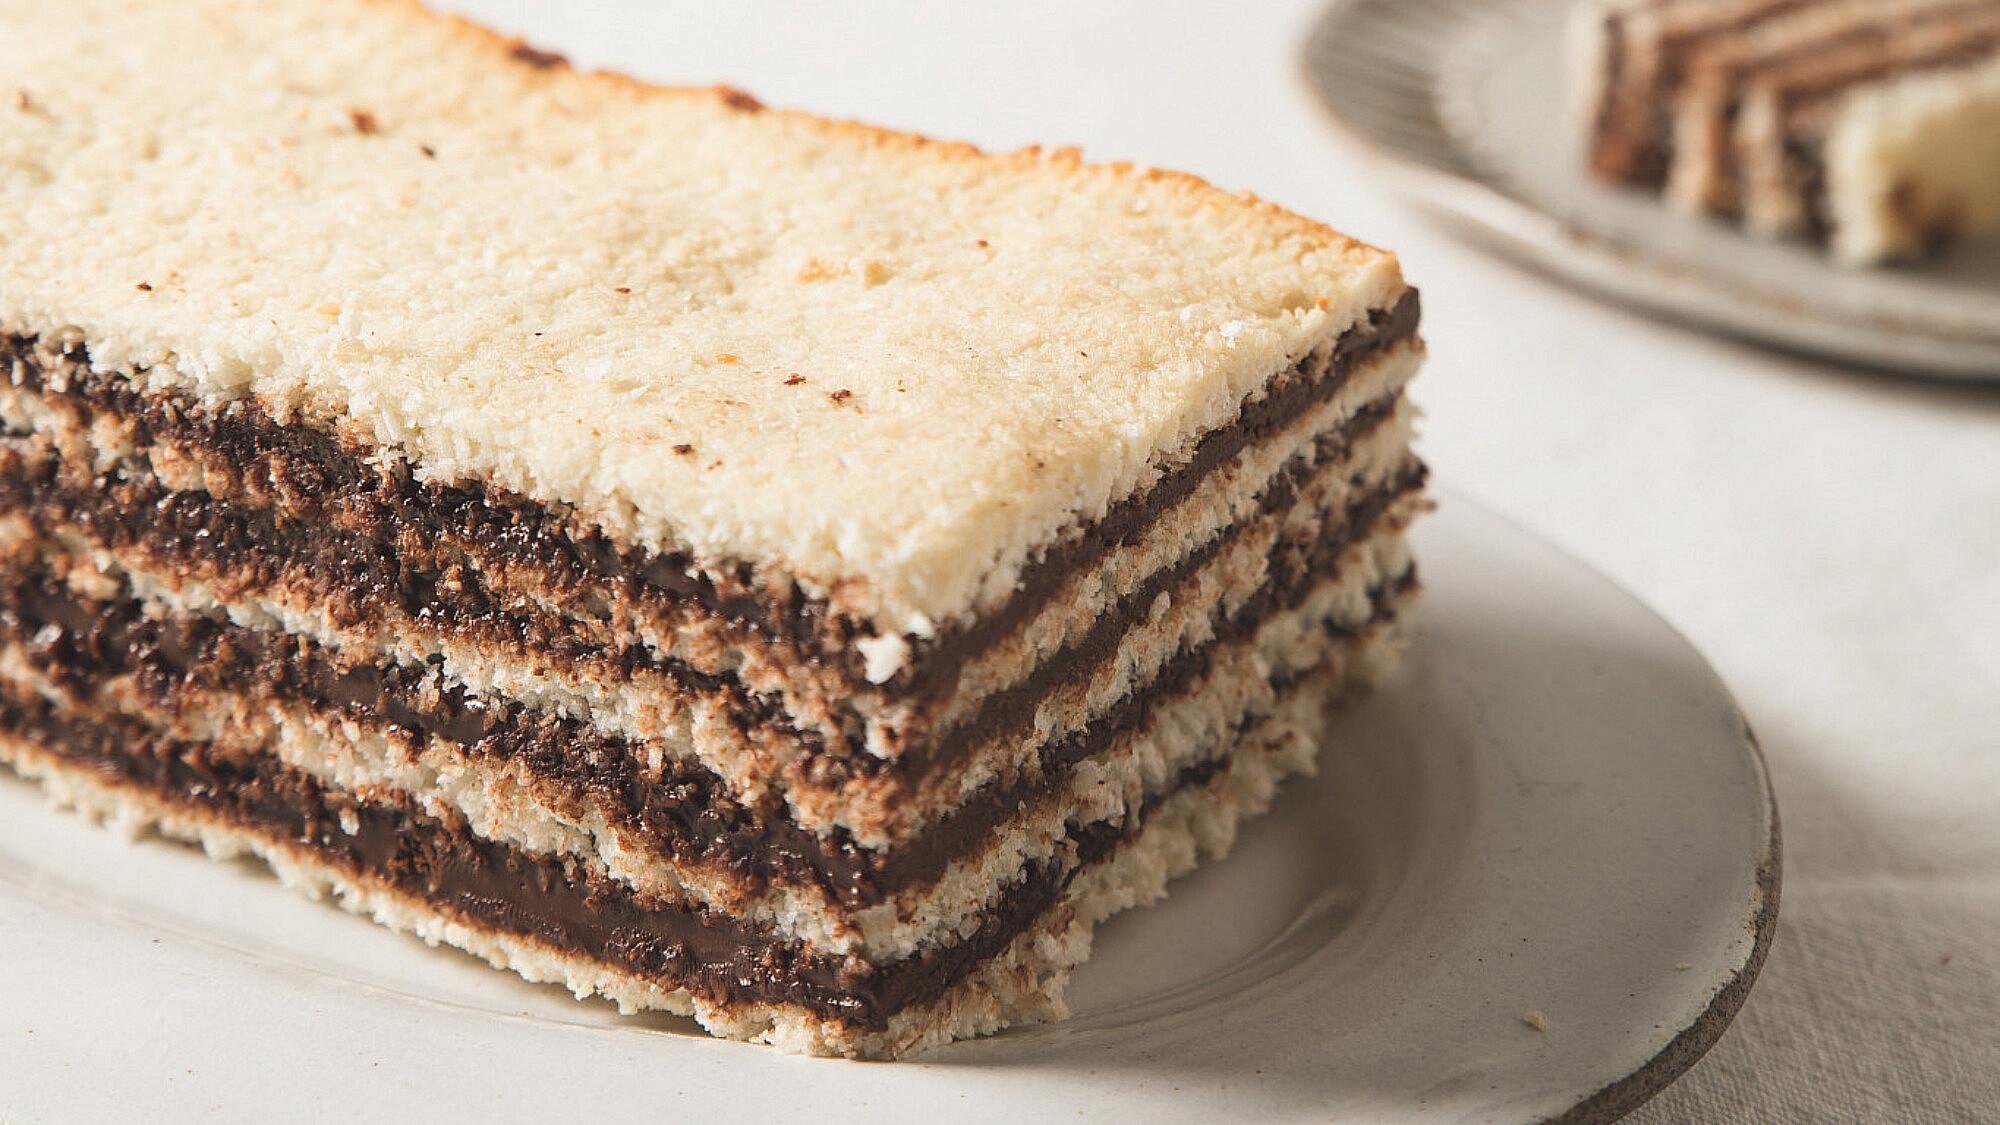 עוגת שכבות של מרנג קוקוס ונוטלה ביתית של רינת צדוק. סטיילינג: עינב רייכנר   צילום: שני בריל